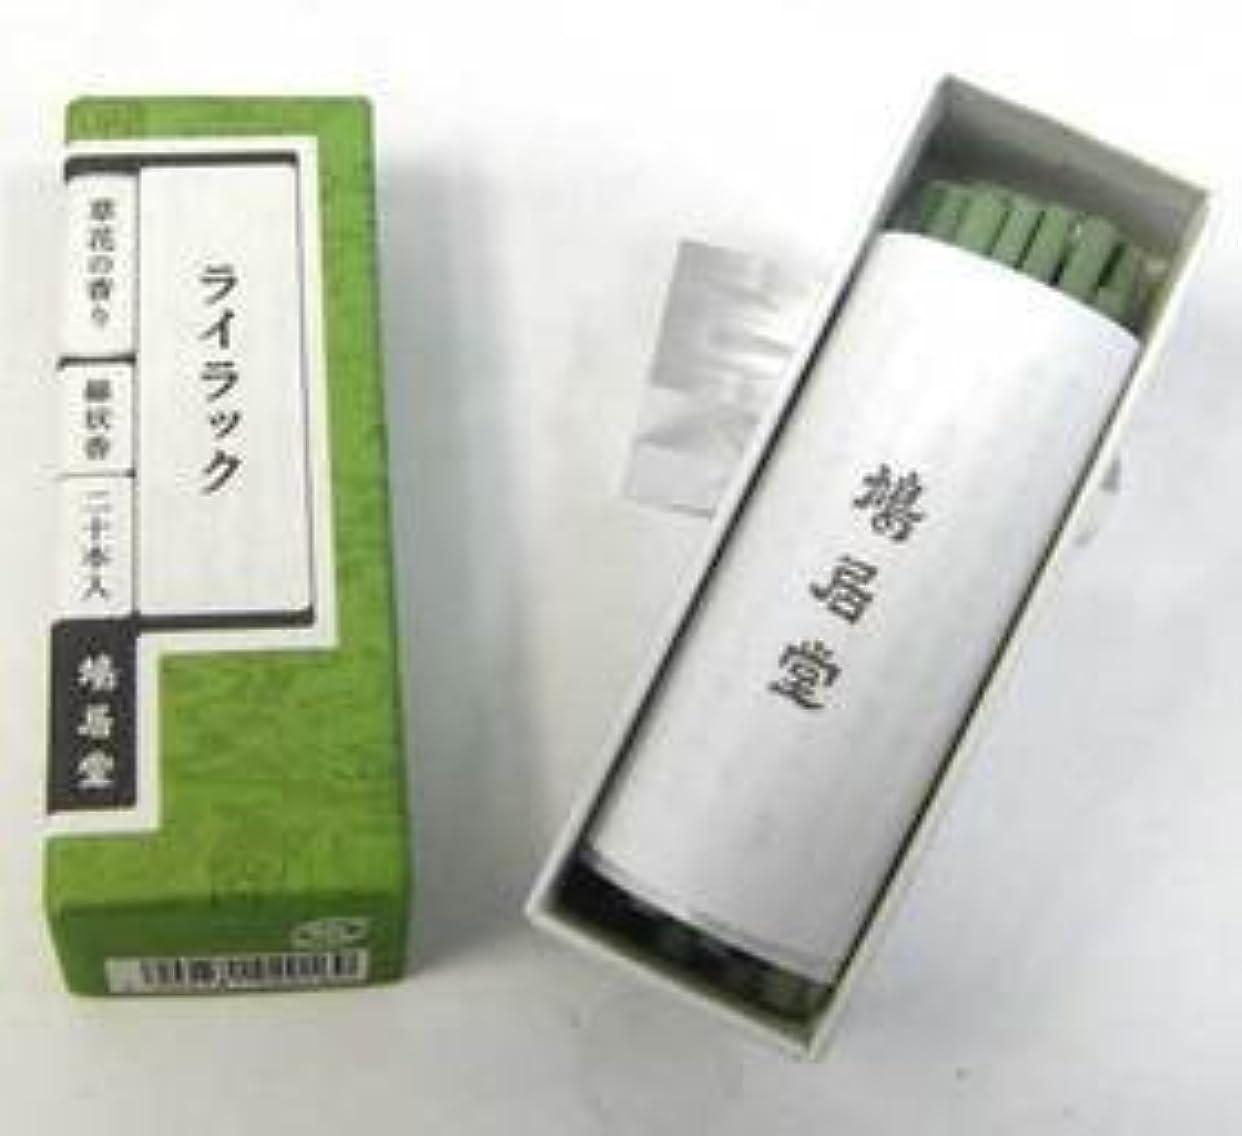 前兆夢中ファイル鳩居堂 お香 ライラック 草花の香りシリーズ スティックタイプ(棒状香)20本いり